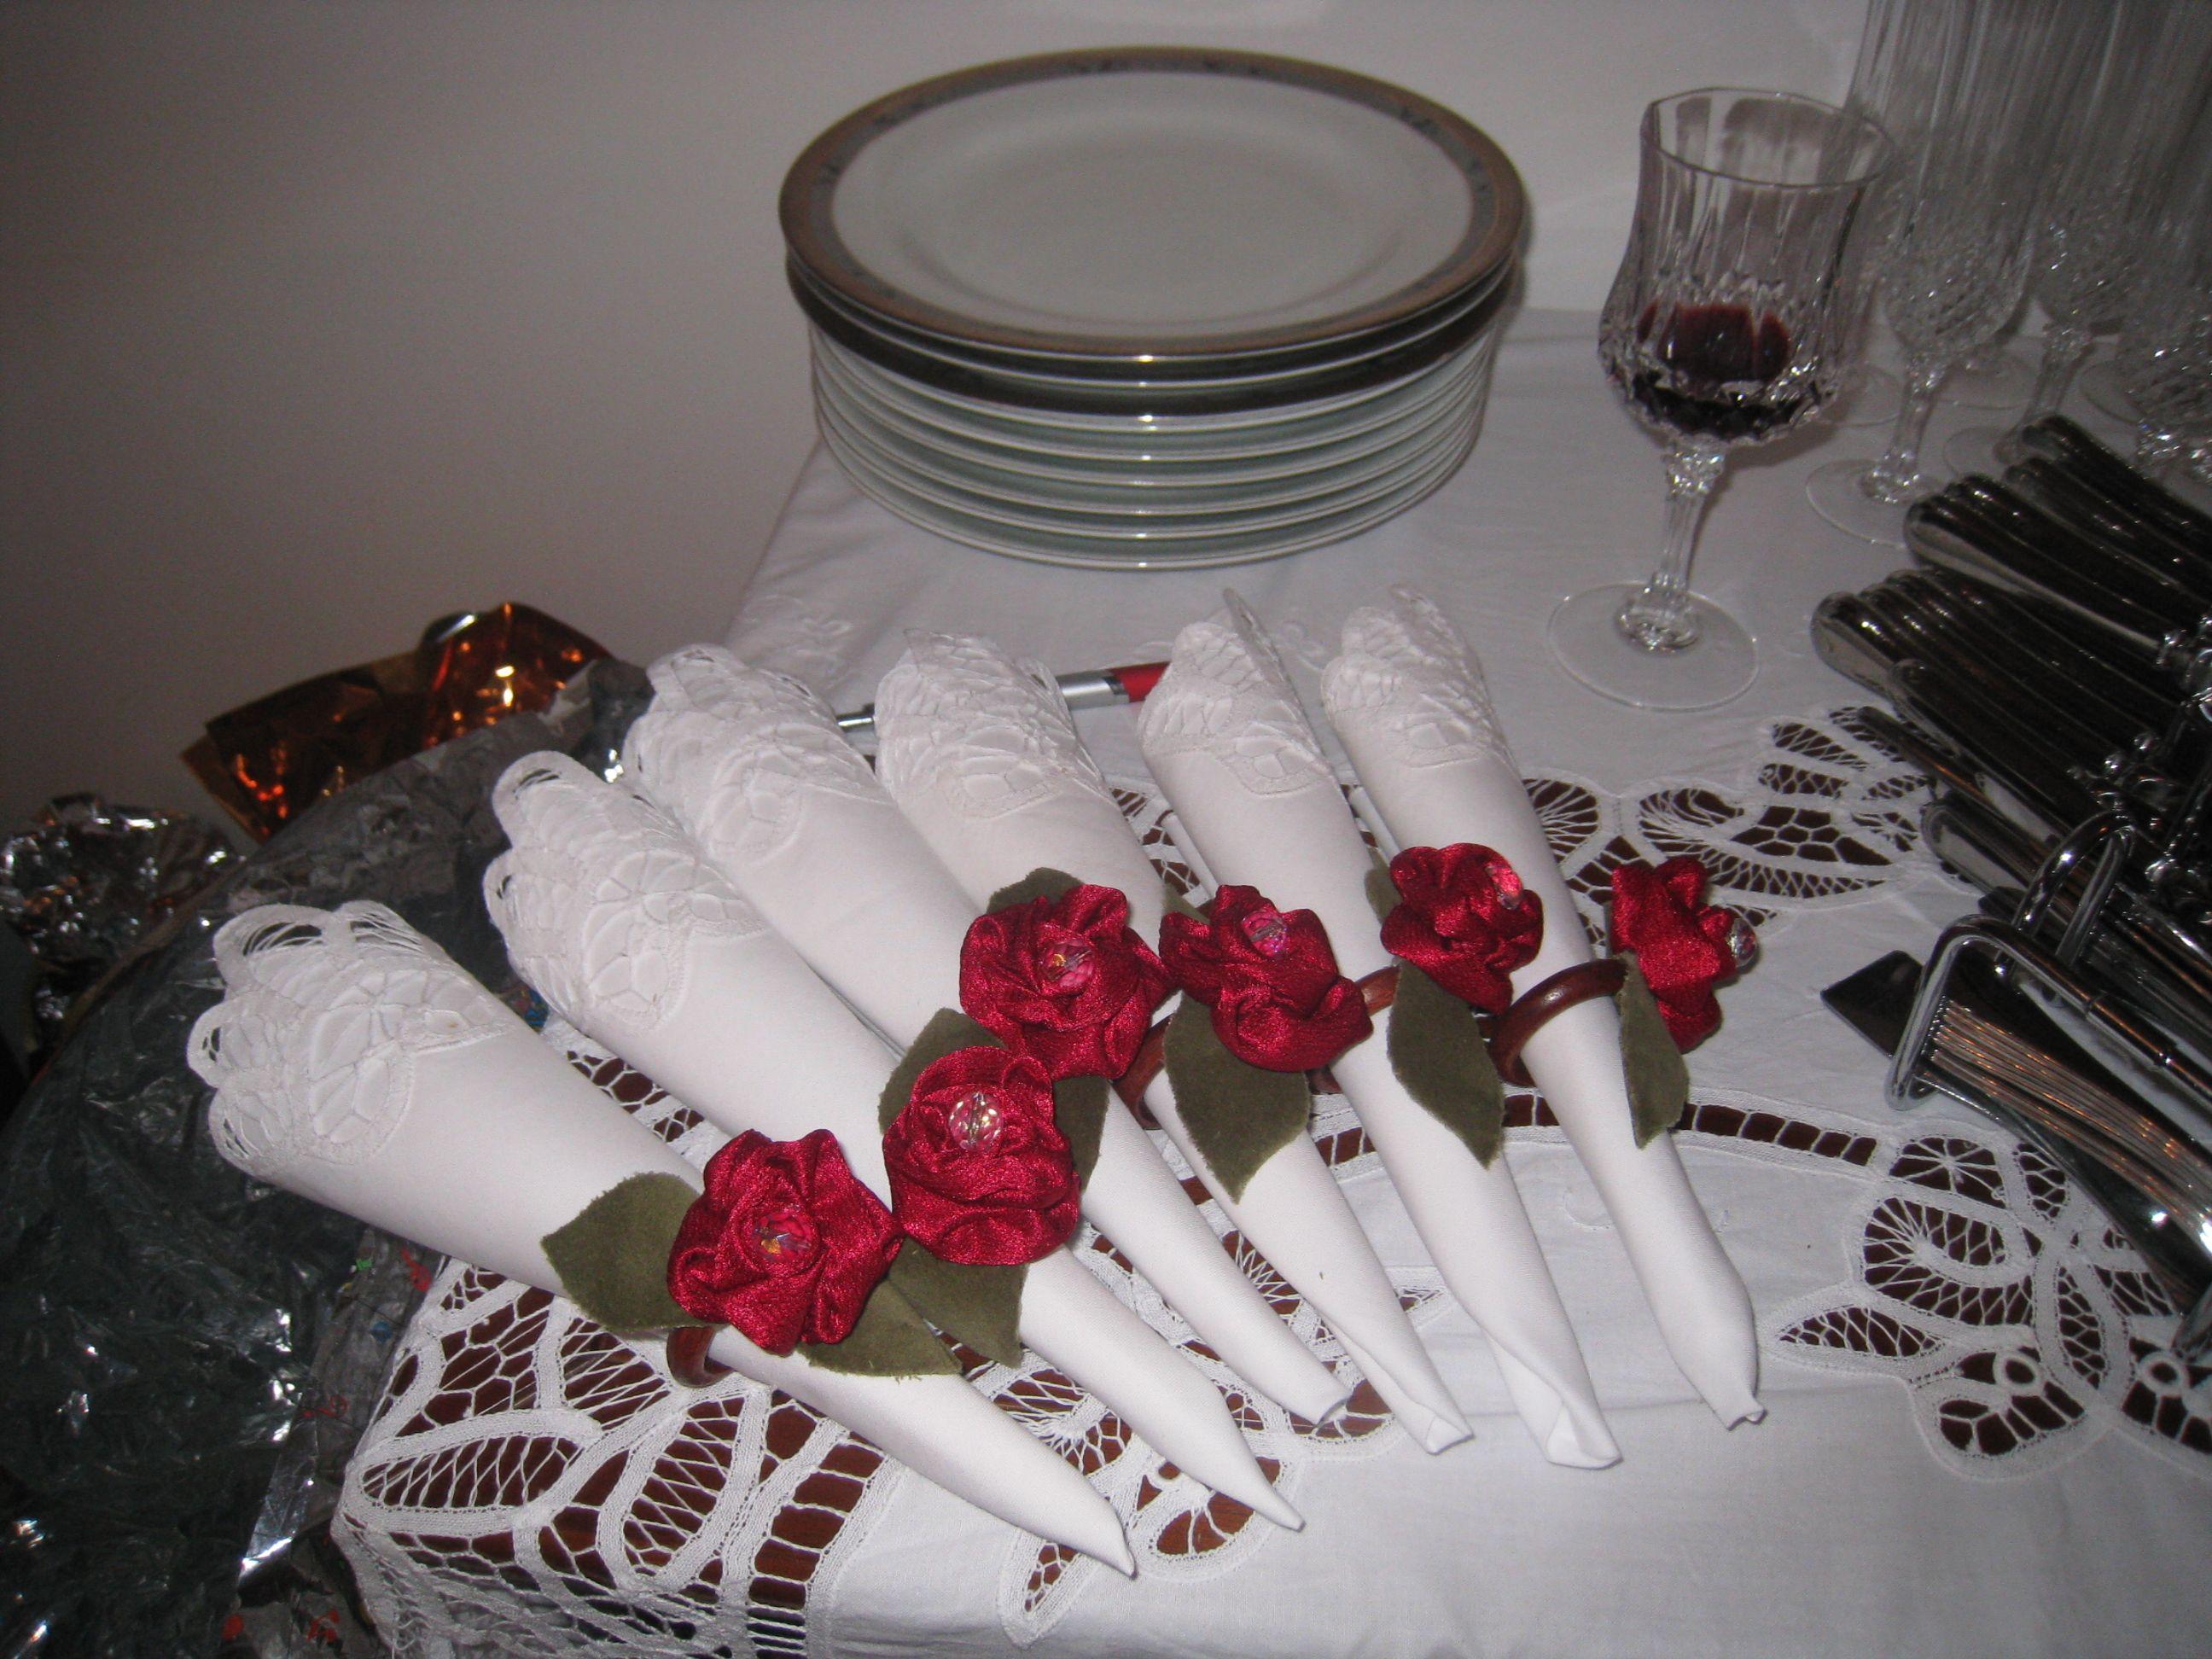 Porta guardanapos feitos de rosas de tecido - Castorina